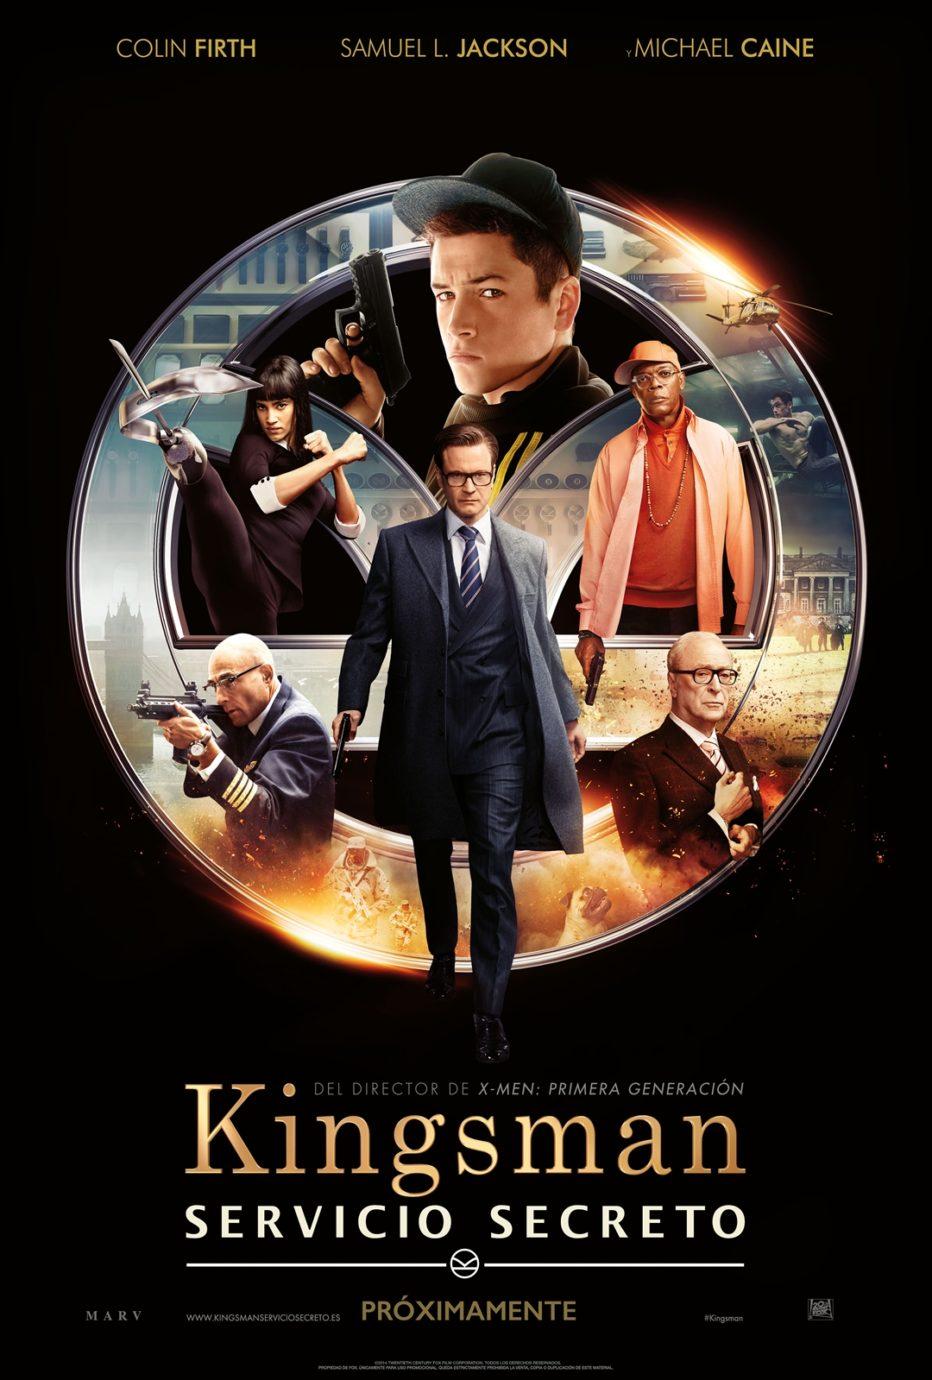 Kingsman: al servicio de su diversión